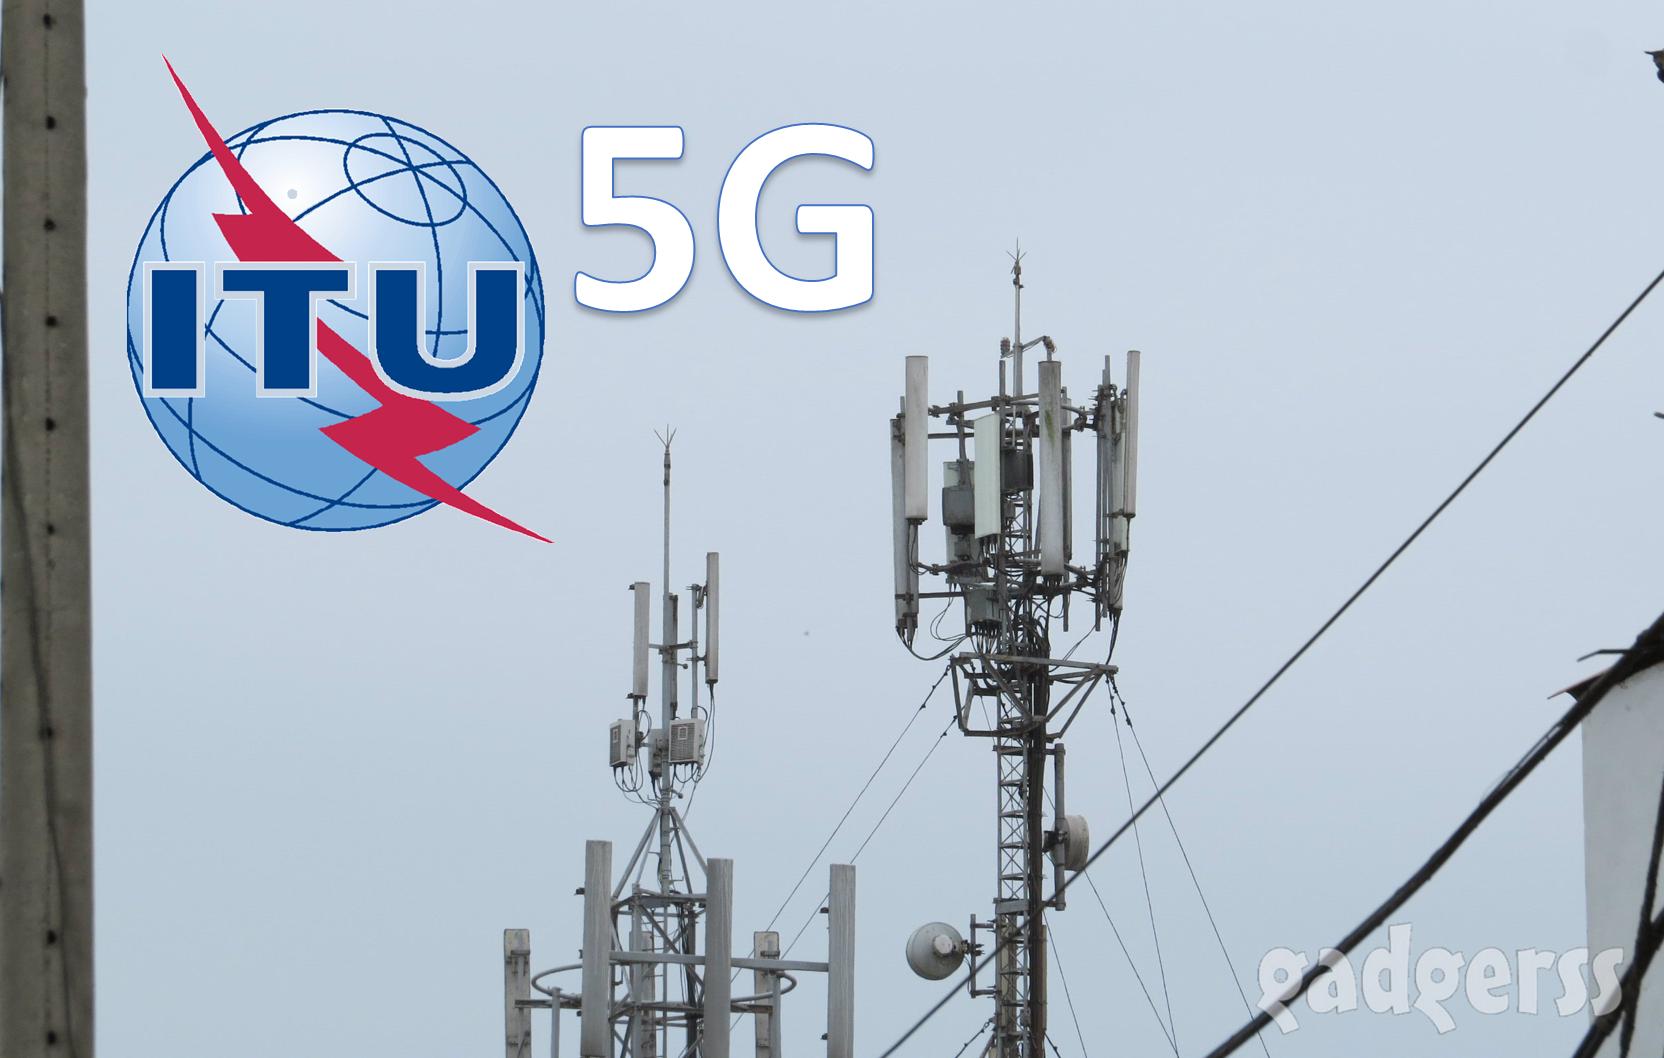 La especificación 5G establece una velocidad de descarga mínima de 100Mbps